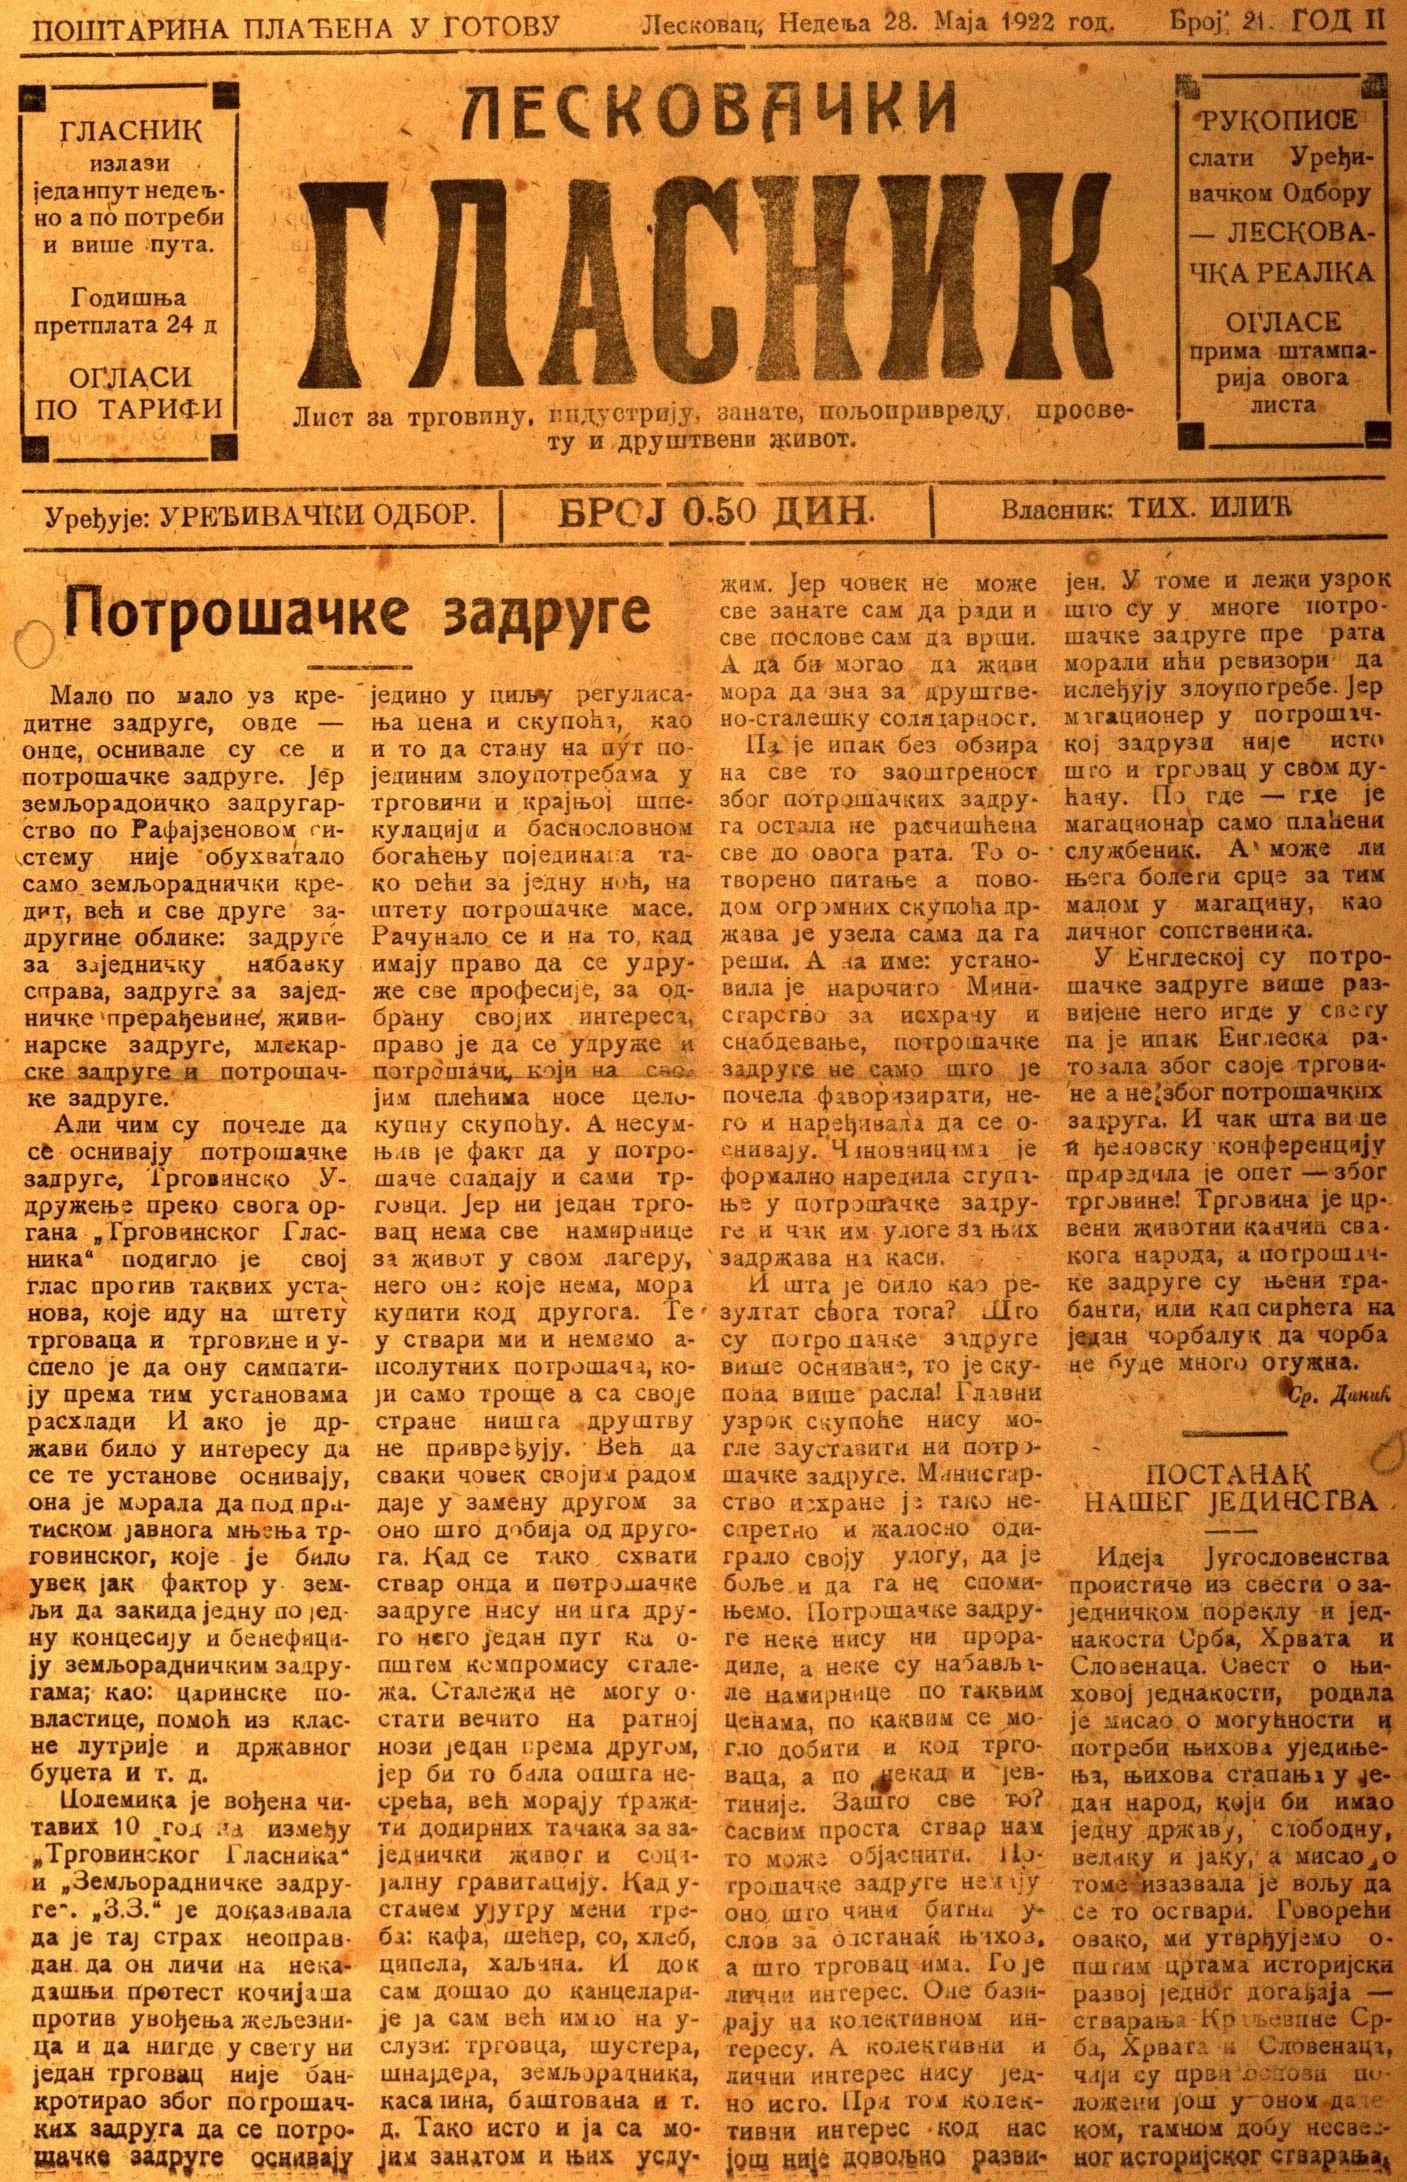 NBSnovine---leskovacki-glasnik---P-2188-1922---P-2188-1922-033 (1)